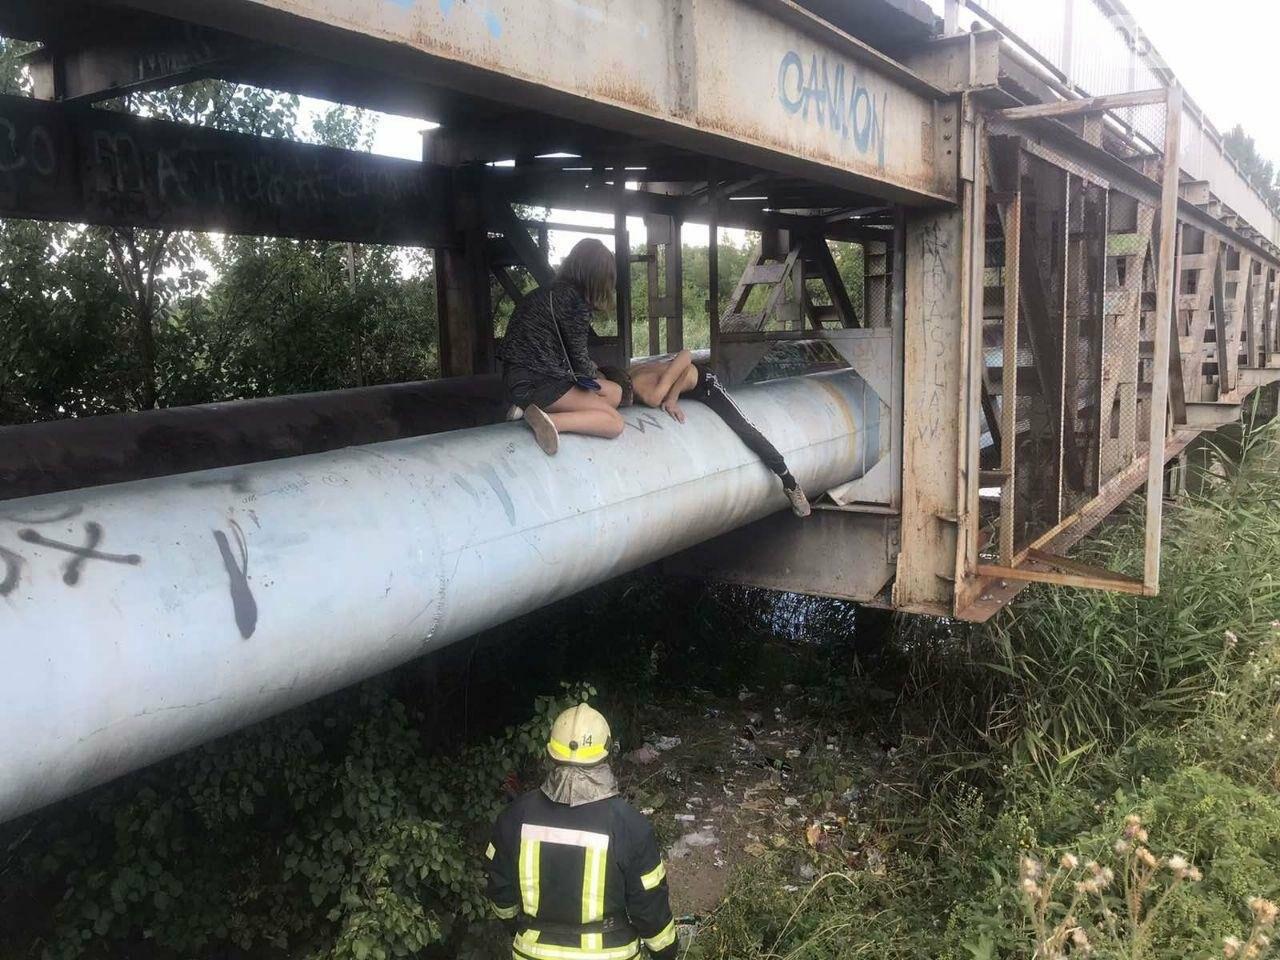 В Кривом Роге пьяный подросток без помощи спасателей не мог спуститься с трубы под мостом, - ФОТО , фото-3